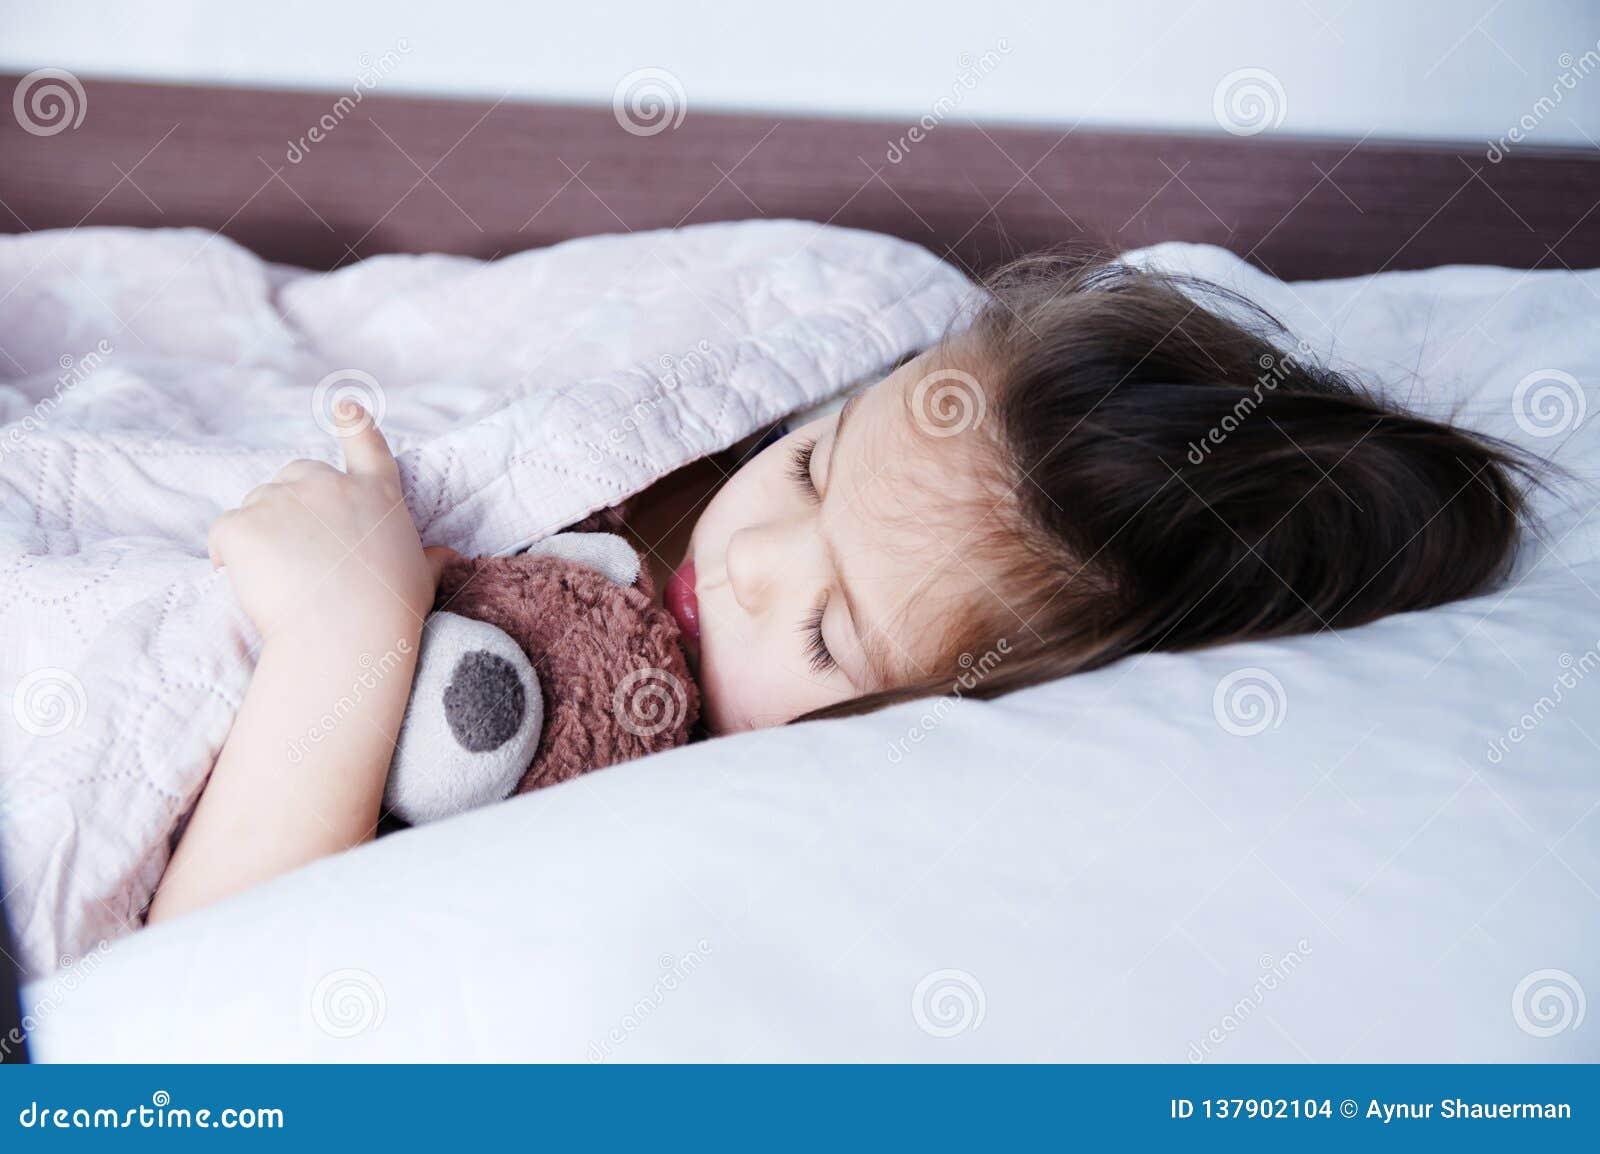 Ύπνος μικρών κοριτσιών που βρίσκεται στο κρεβάτι πρόγραμμα ύπνου στον εσωτερικό τρόπο ζωής χαριτωμένο παιδί με την αρκούδα